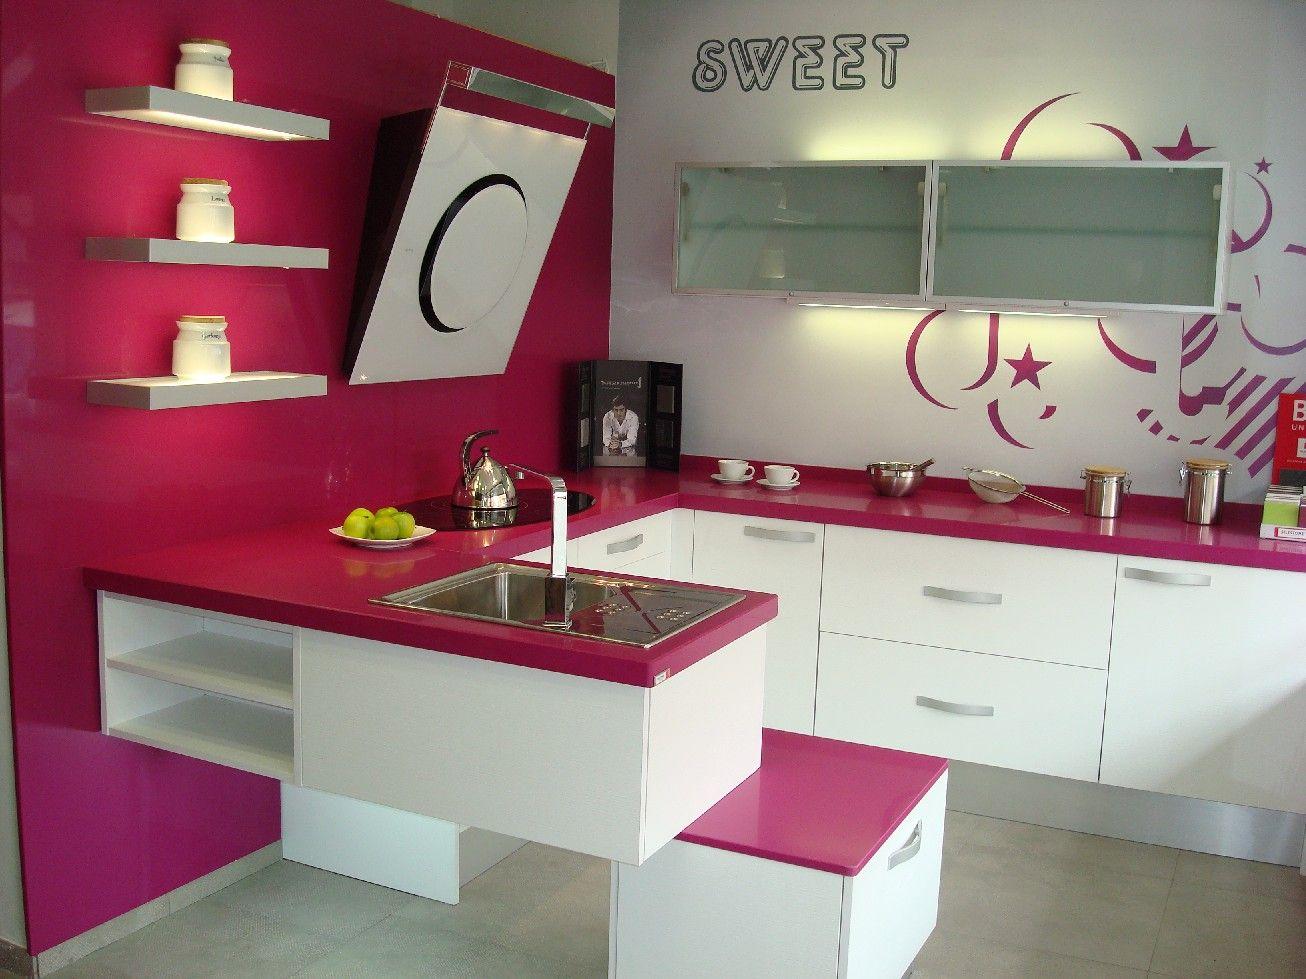 cocinas integrales decoracin del hogar cocinas pequeas cocinas modernas fucsia rosas encimeras cada blanco